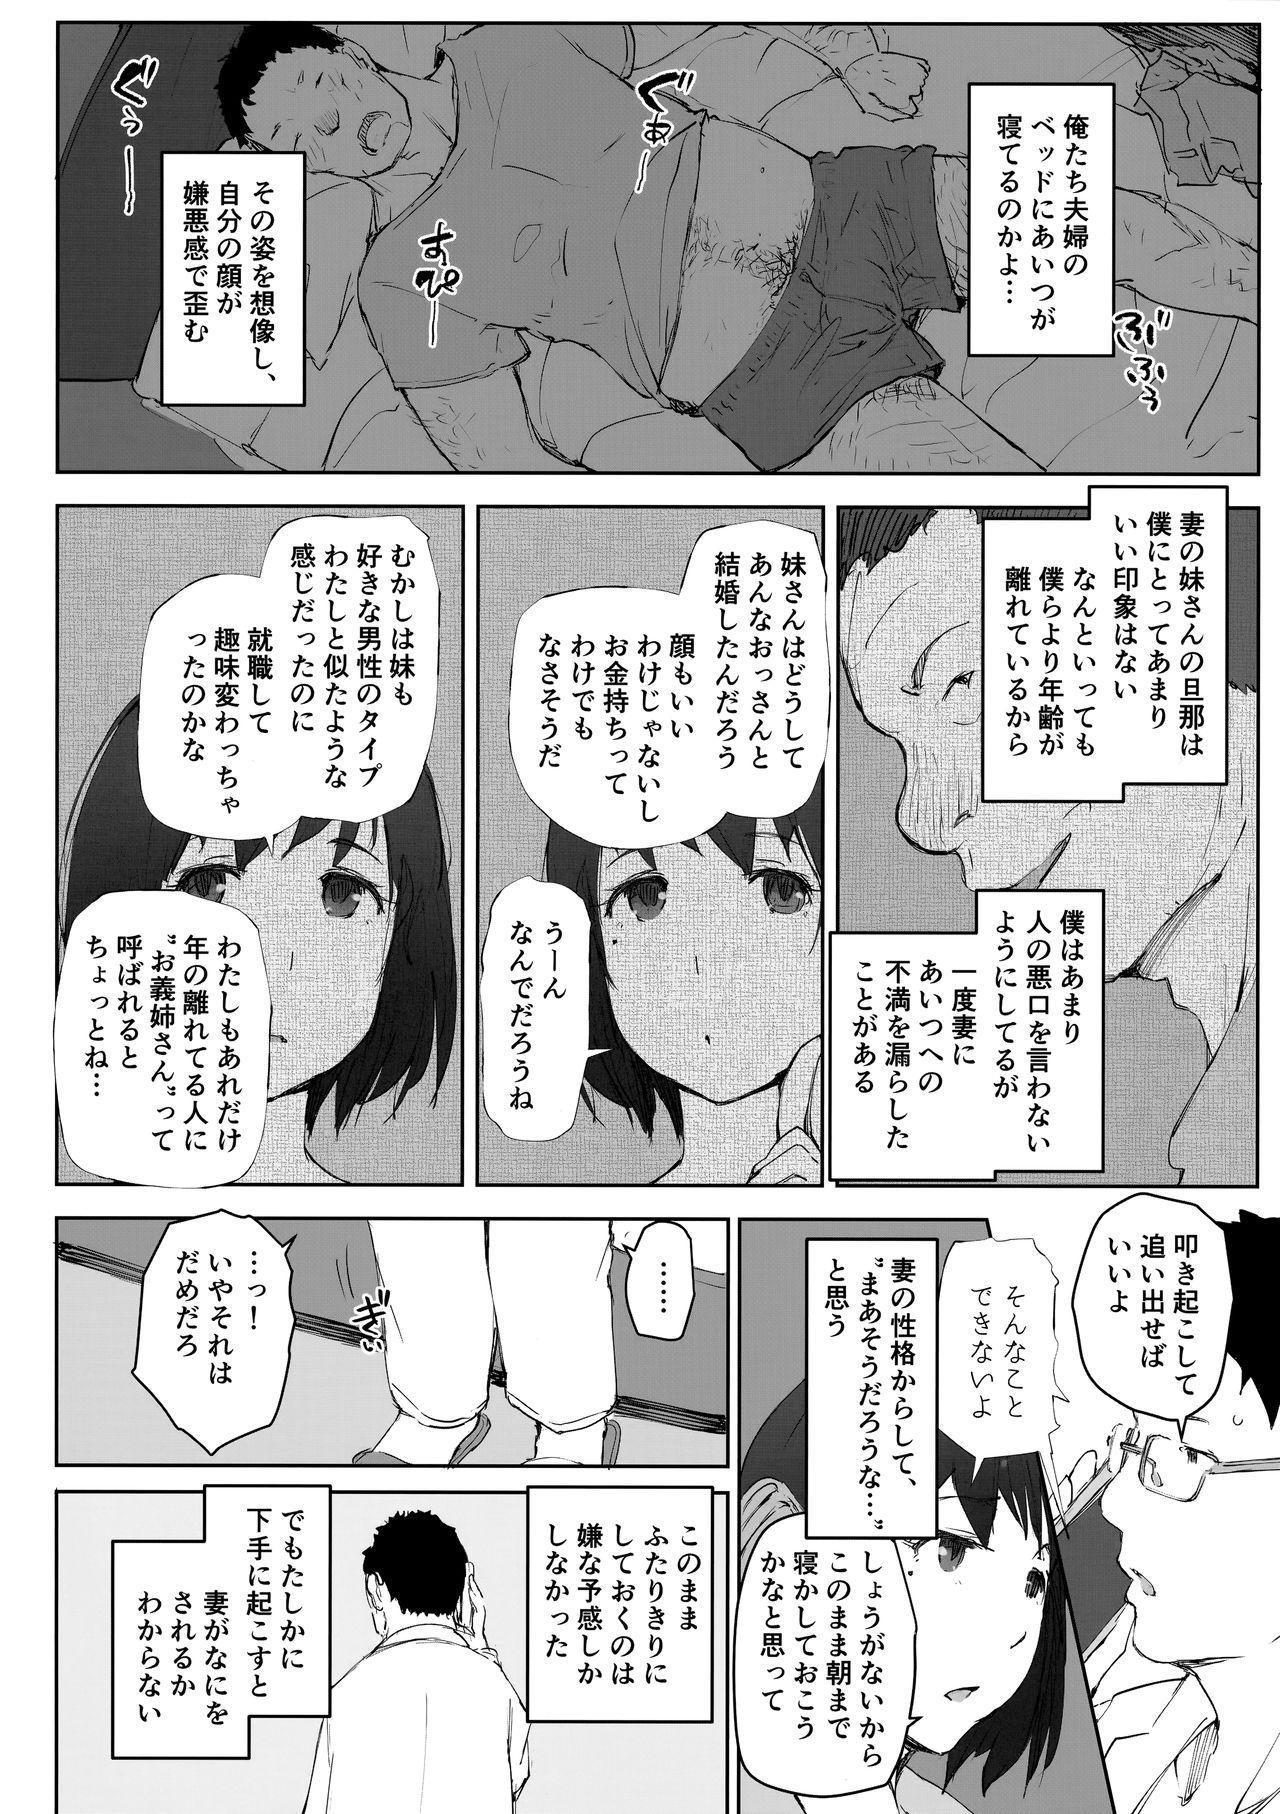 Tsuma no Imouto no Danna ga Ie ni Kiteiruyoudesu. 2